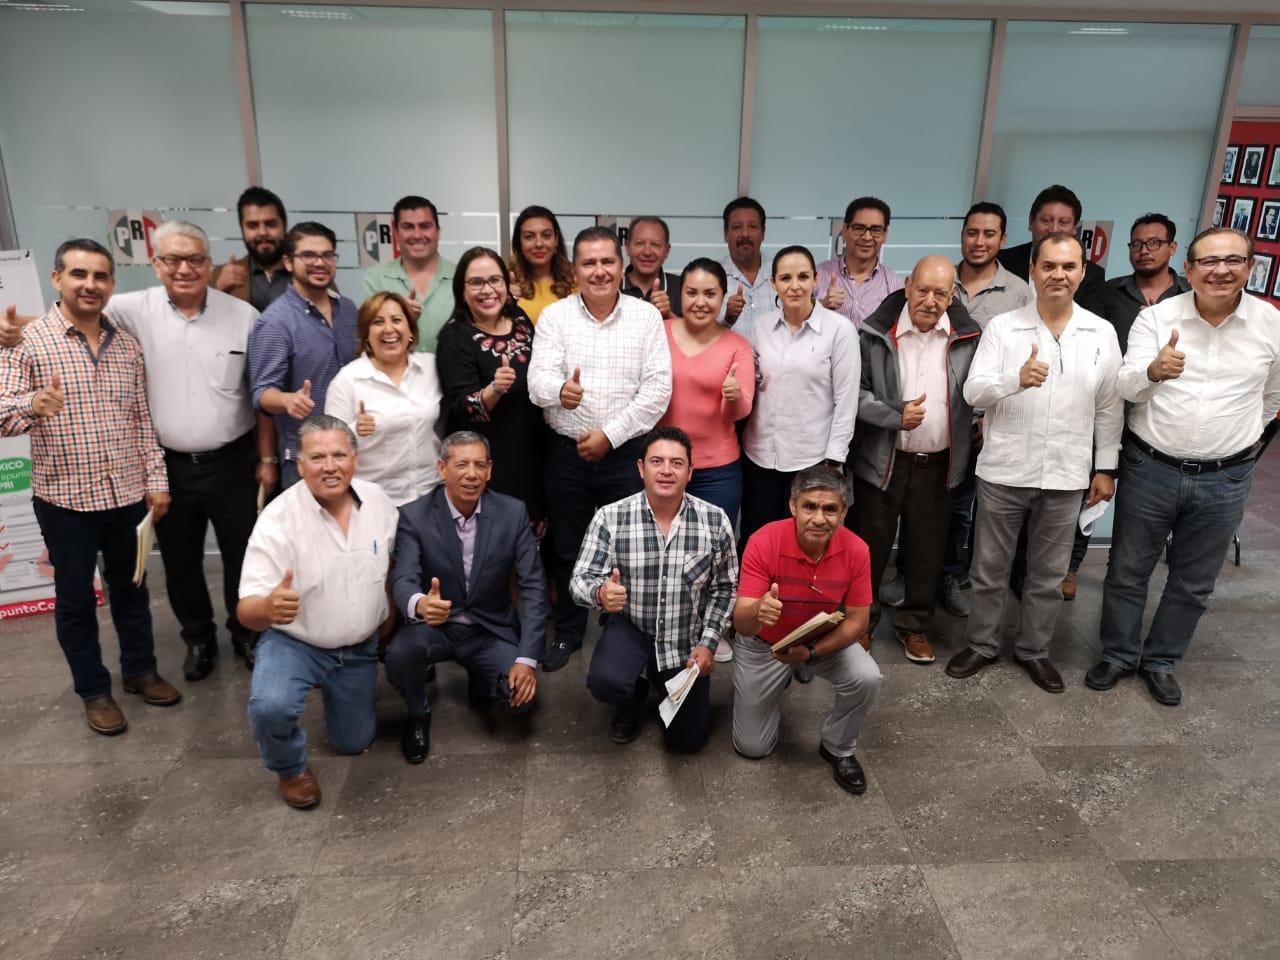 COMPROMISO Y TRABAJO. SESIÓN DE LA COMISIÓN POLÍTICA PERMANENTE DEL PARTIDO REVOLUCIONARIO INSTITUCIONAL EN AGUASCALIENTES.